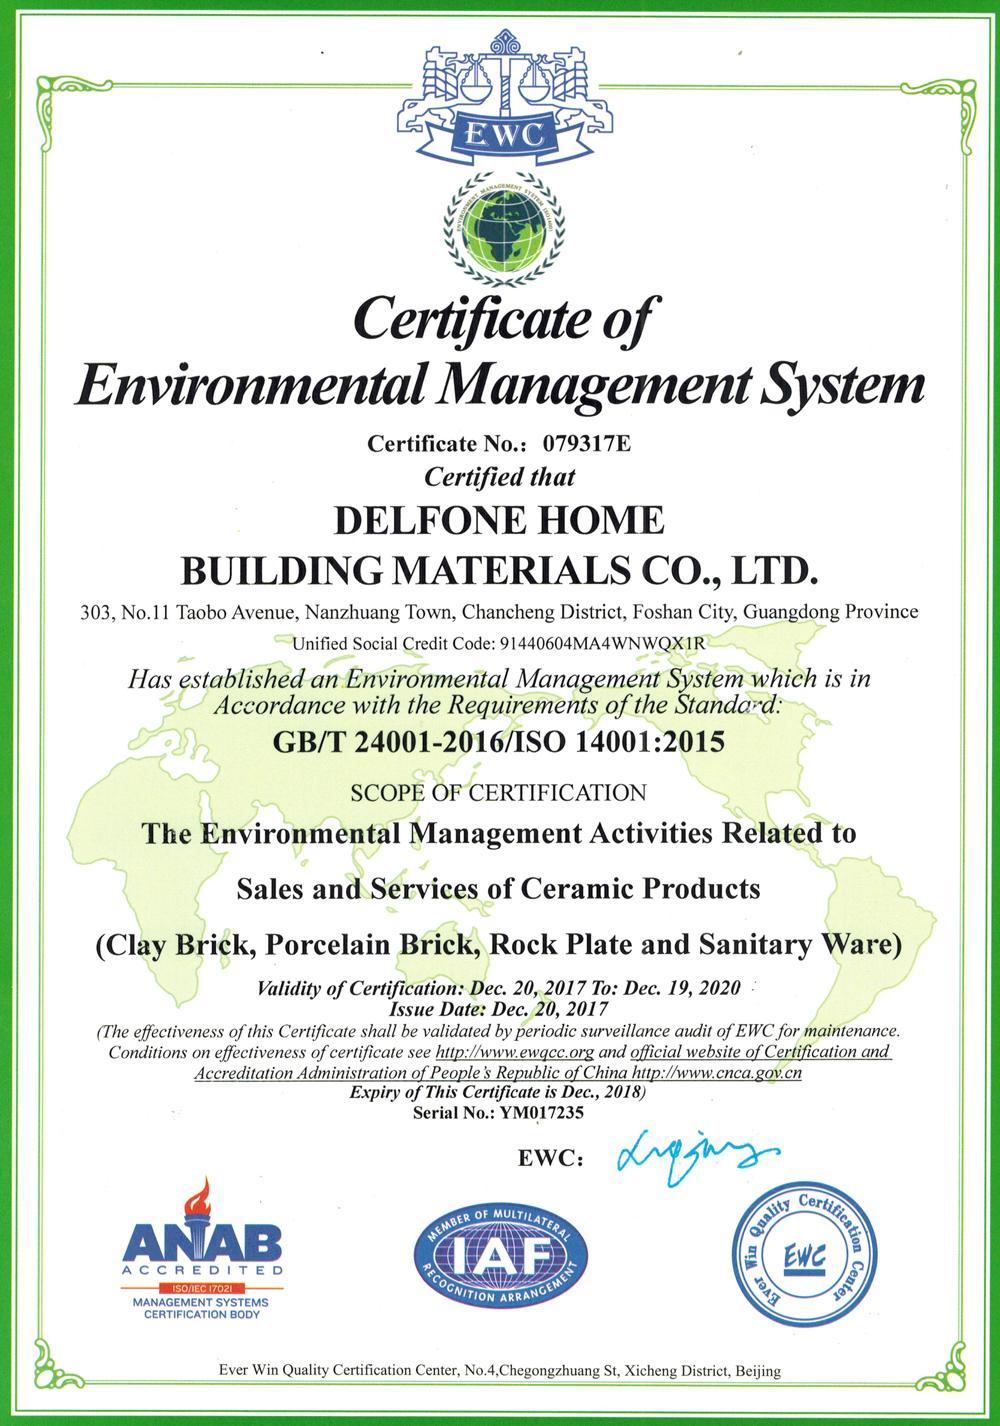 环境体系认证证书-英文版